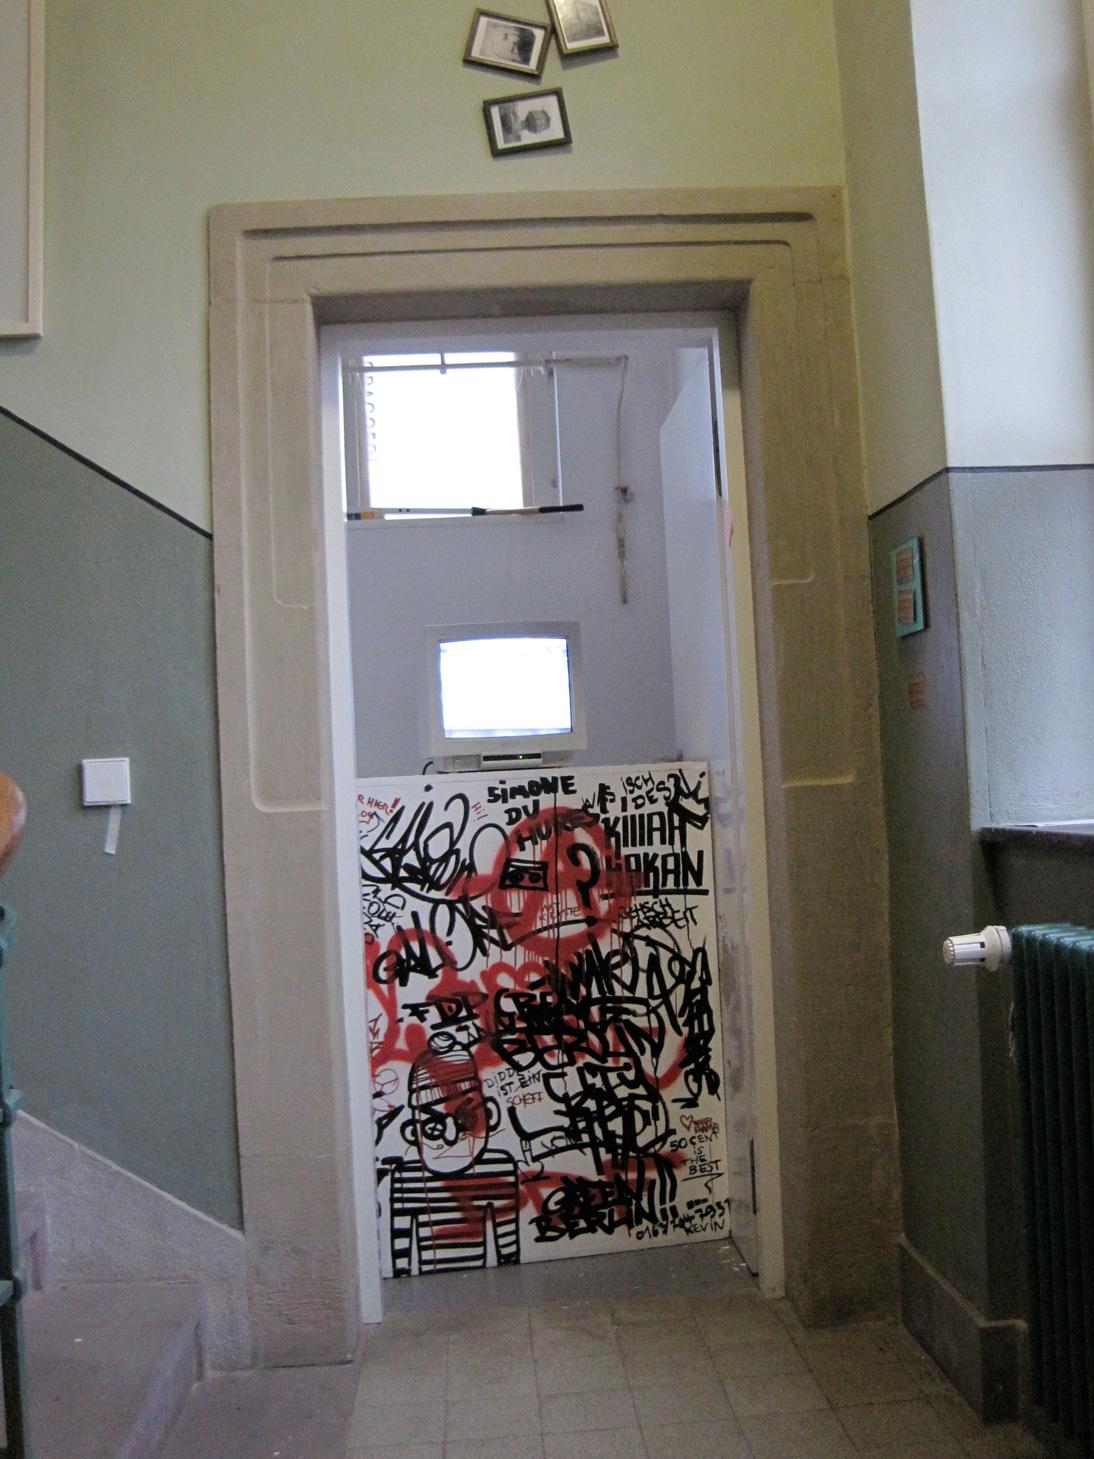 Urban-Manegold-Learning-from-Berlin-Design-Prozess-Magazin-Ausstellung-Plakat-SocialStudies-Gentrifikation-LFB_off_3